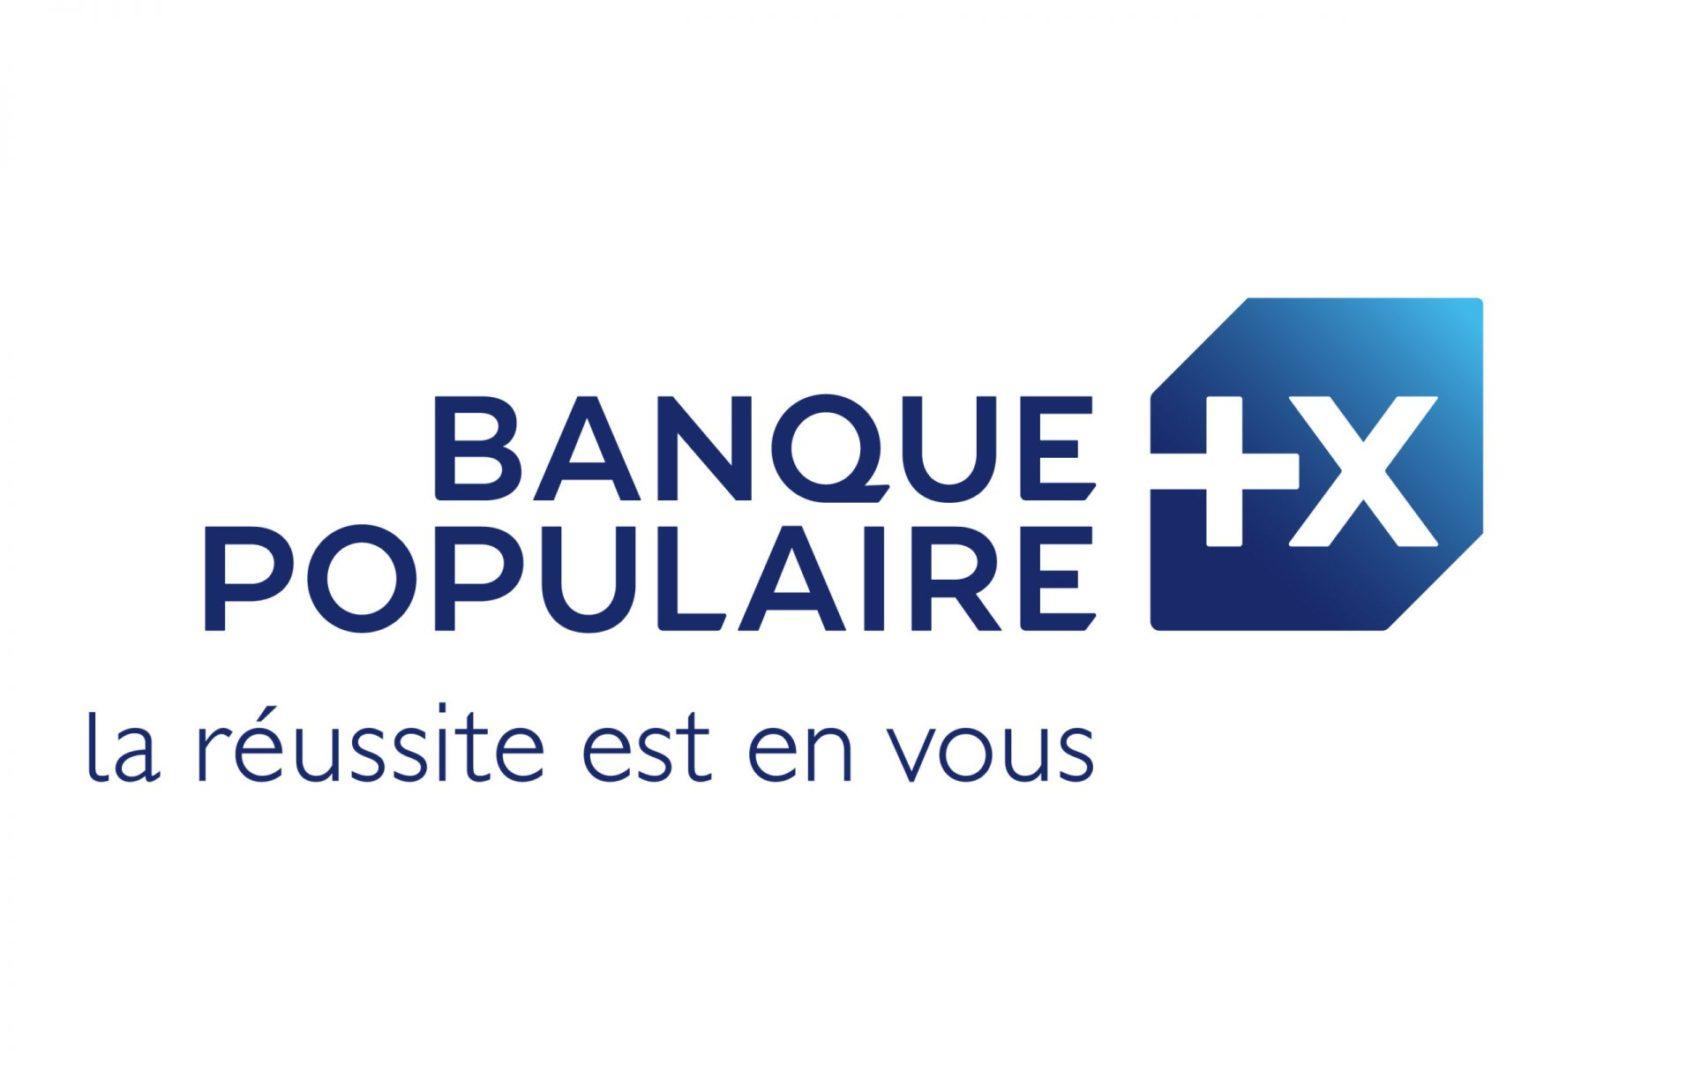 BANQUE POPULAIRE : Nouvelle création de logo, nouvelle identité !